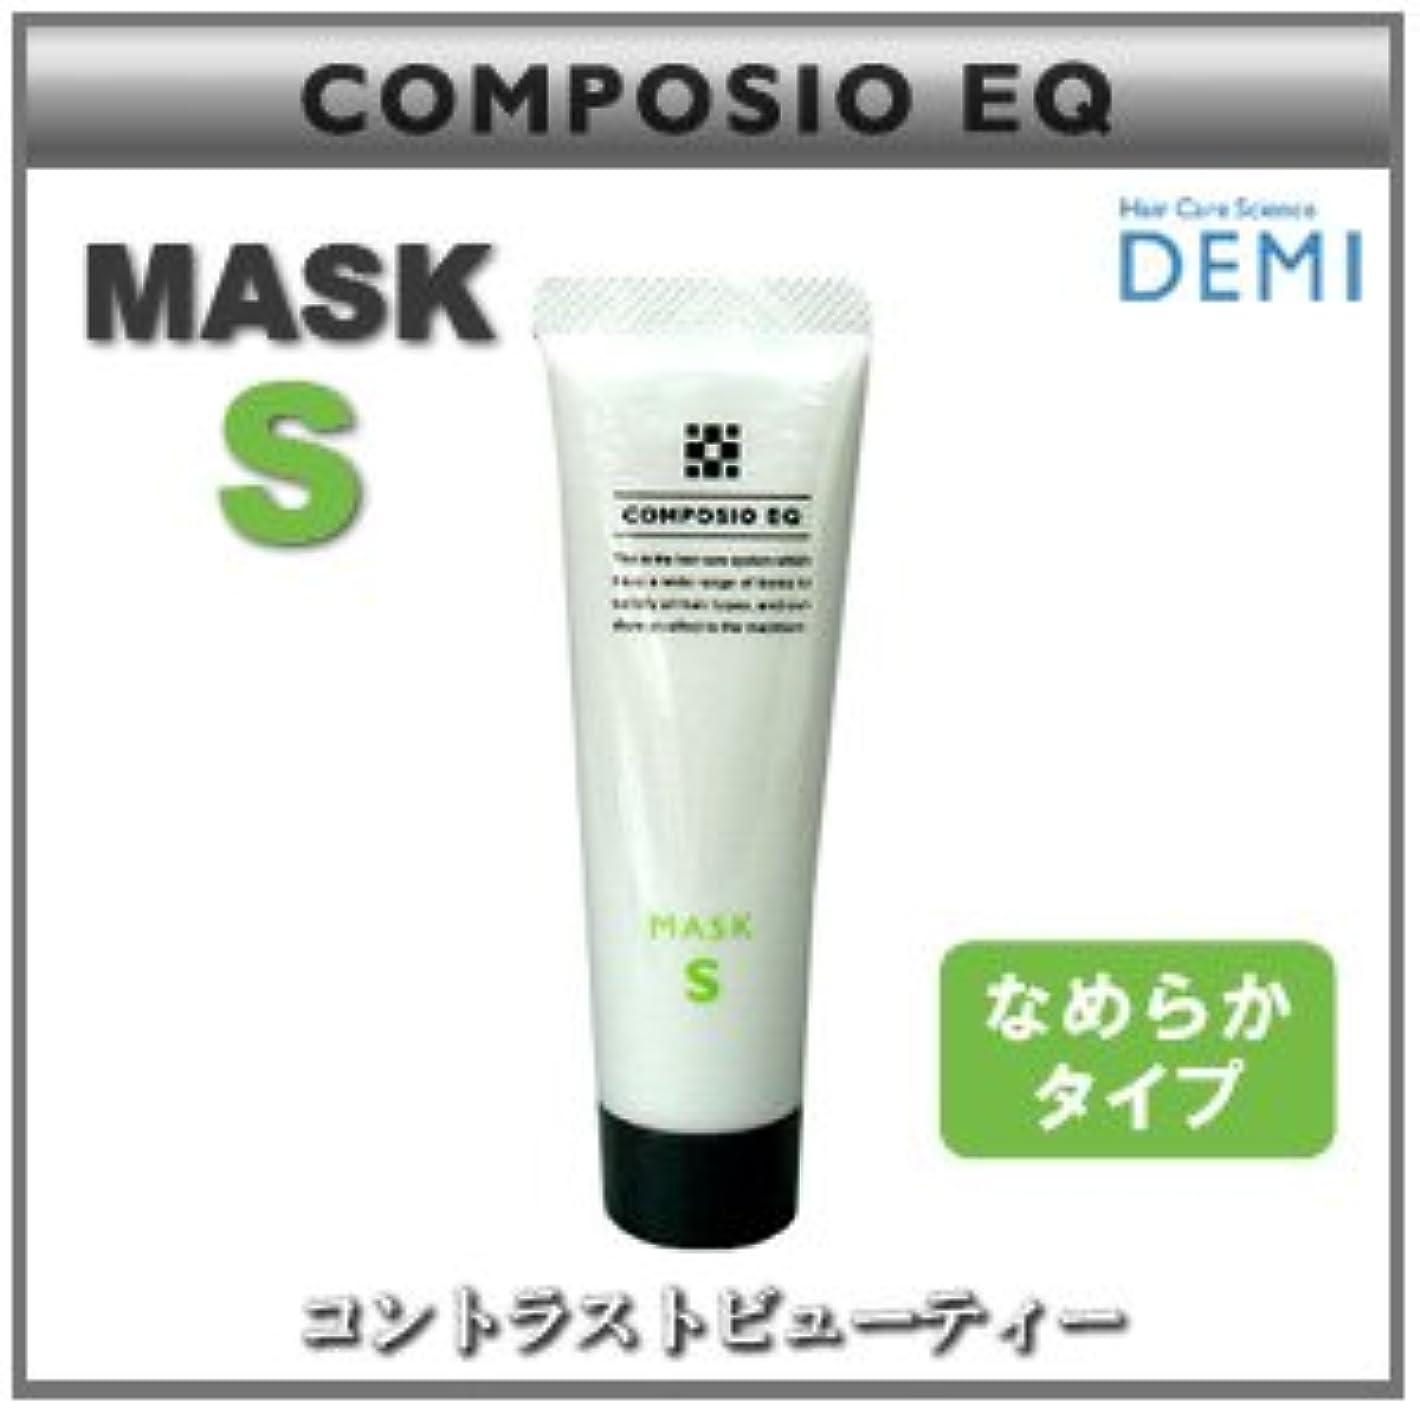 感じ提案する開発【X3個セット】 デミ コンポジオ EQ マスク S 50g